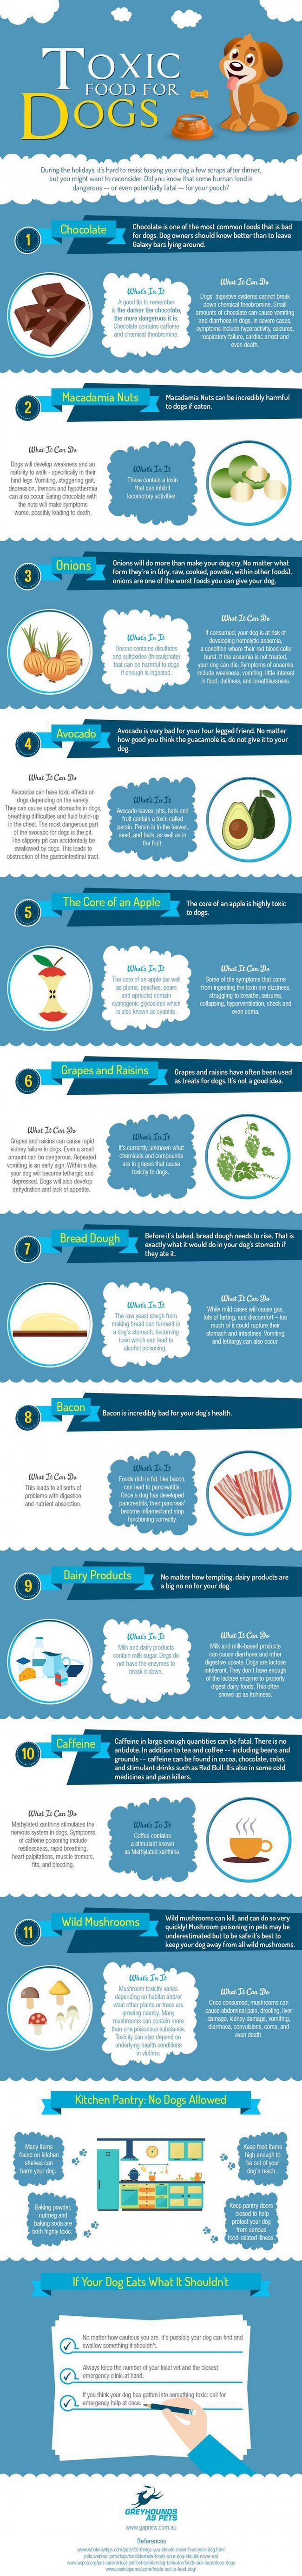 nourriture toxique pour votre chien